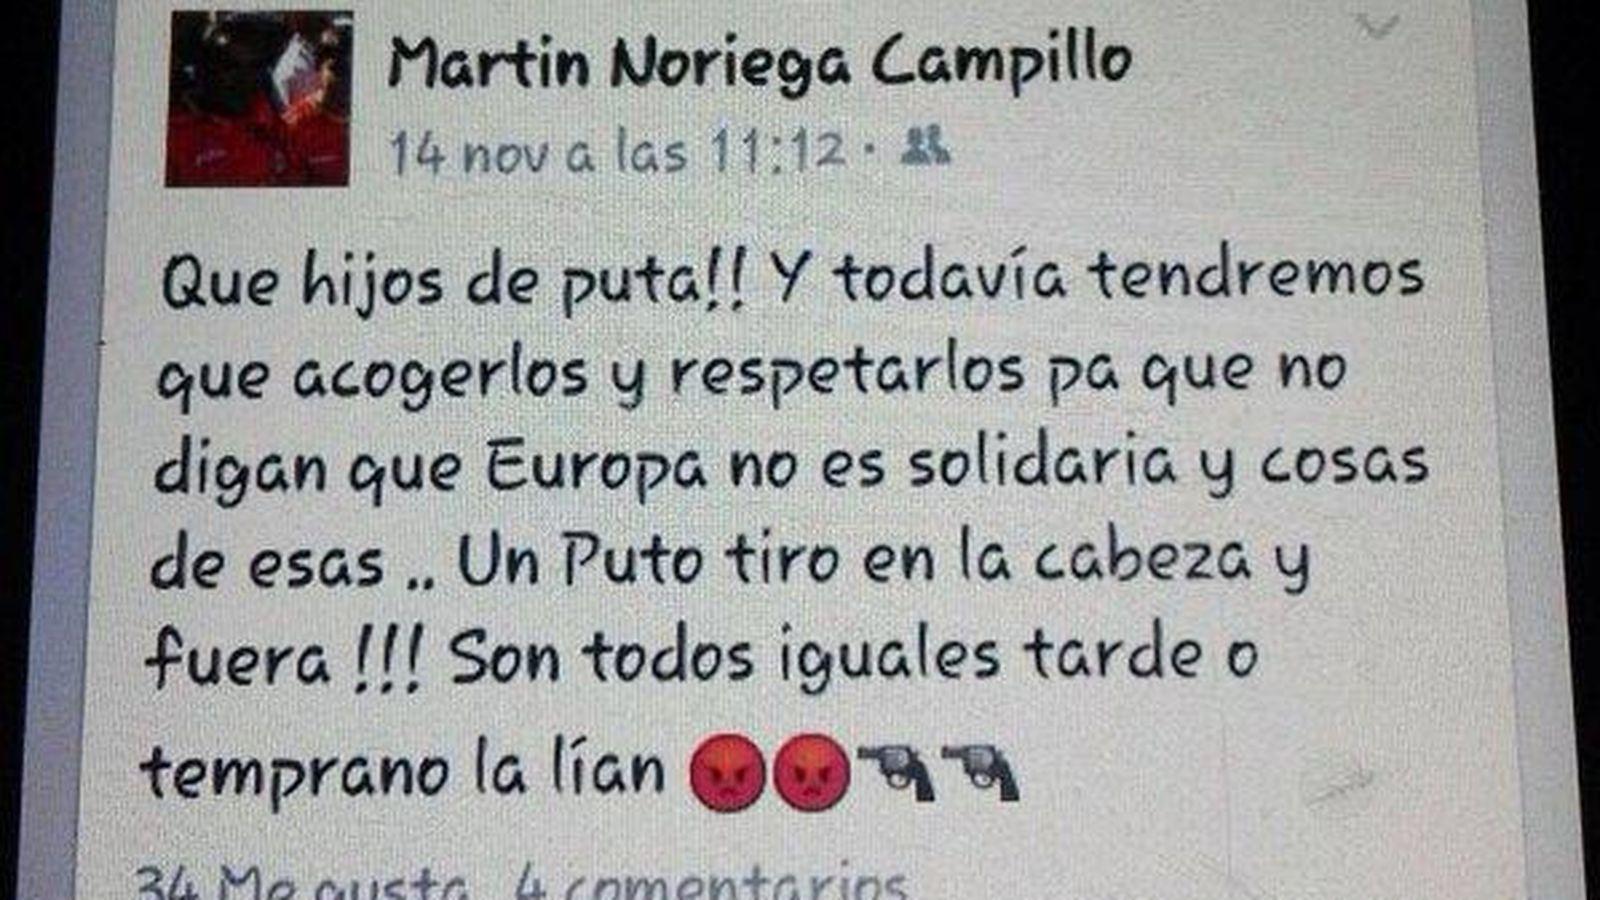 Foto: Captura de pantalla del mensaje publicado en Facebook por Martín Noriega (Twitter/José Sánchez)